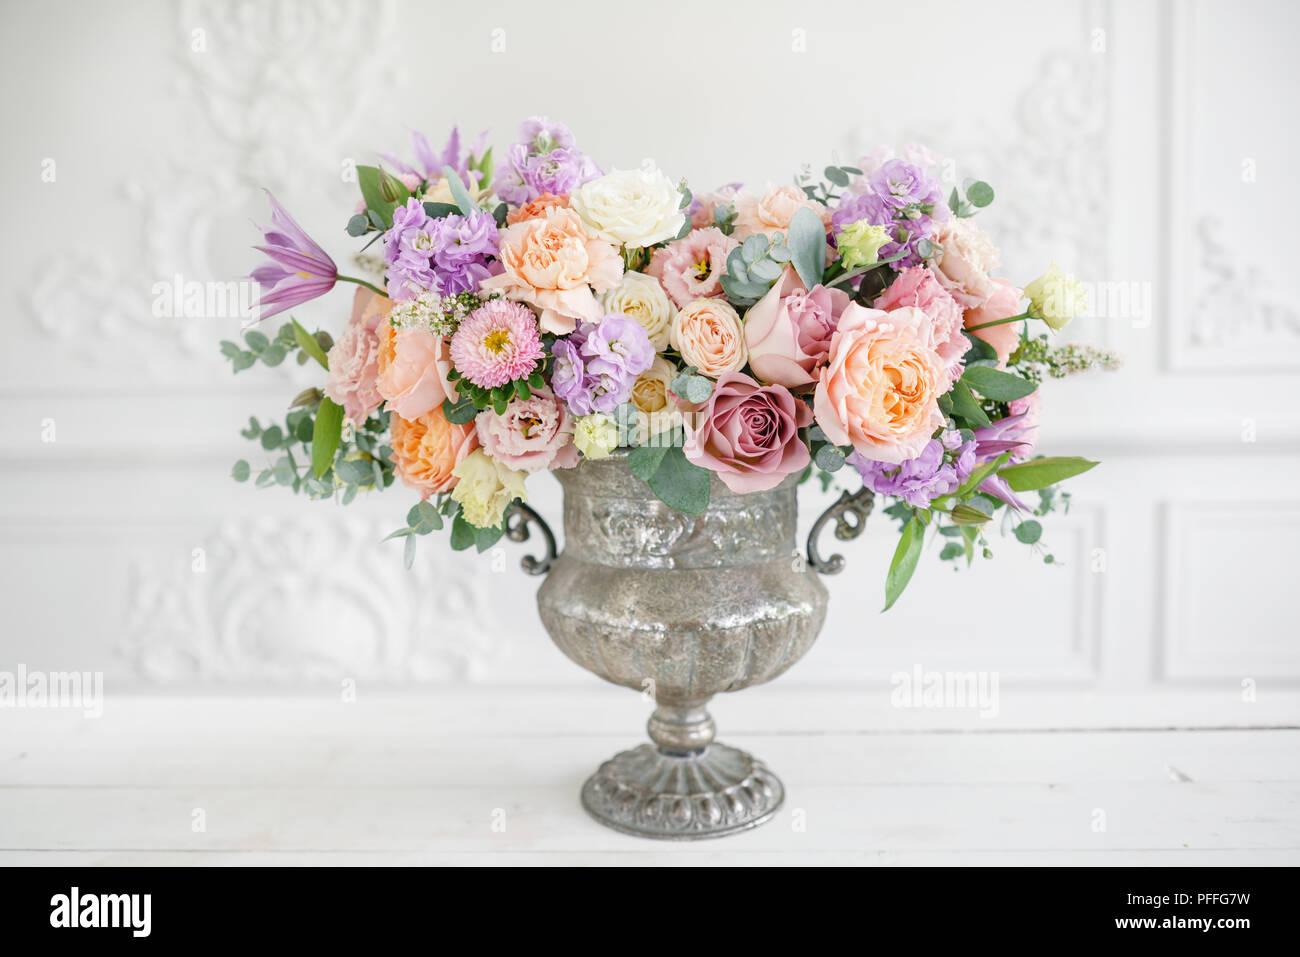 Precioso Ramo De Flores Diferentes Arreglo Floral En Jarrón